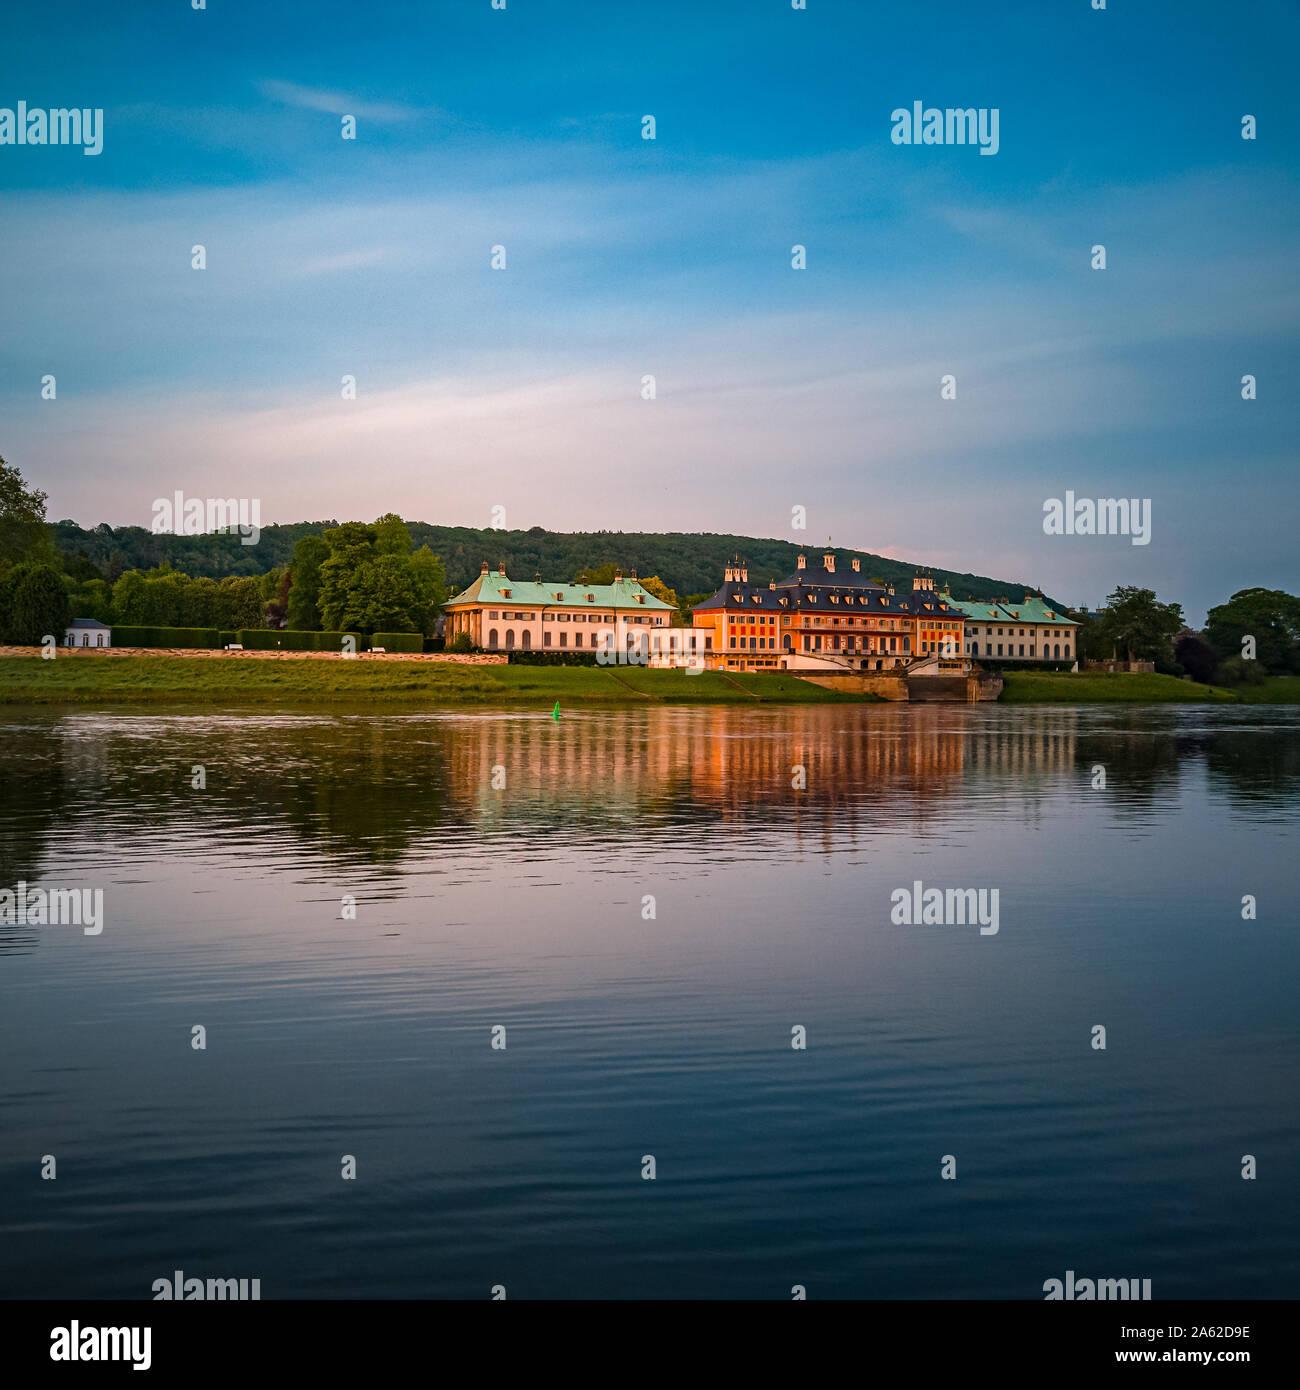 Dresden, Sachsen, Deutschland - 24. Mai 2019: Schloss Pillnitz in das Licht der untergehenden Sonne in Dresden, Sachsen, Deutschland. Stockfoto